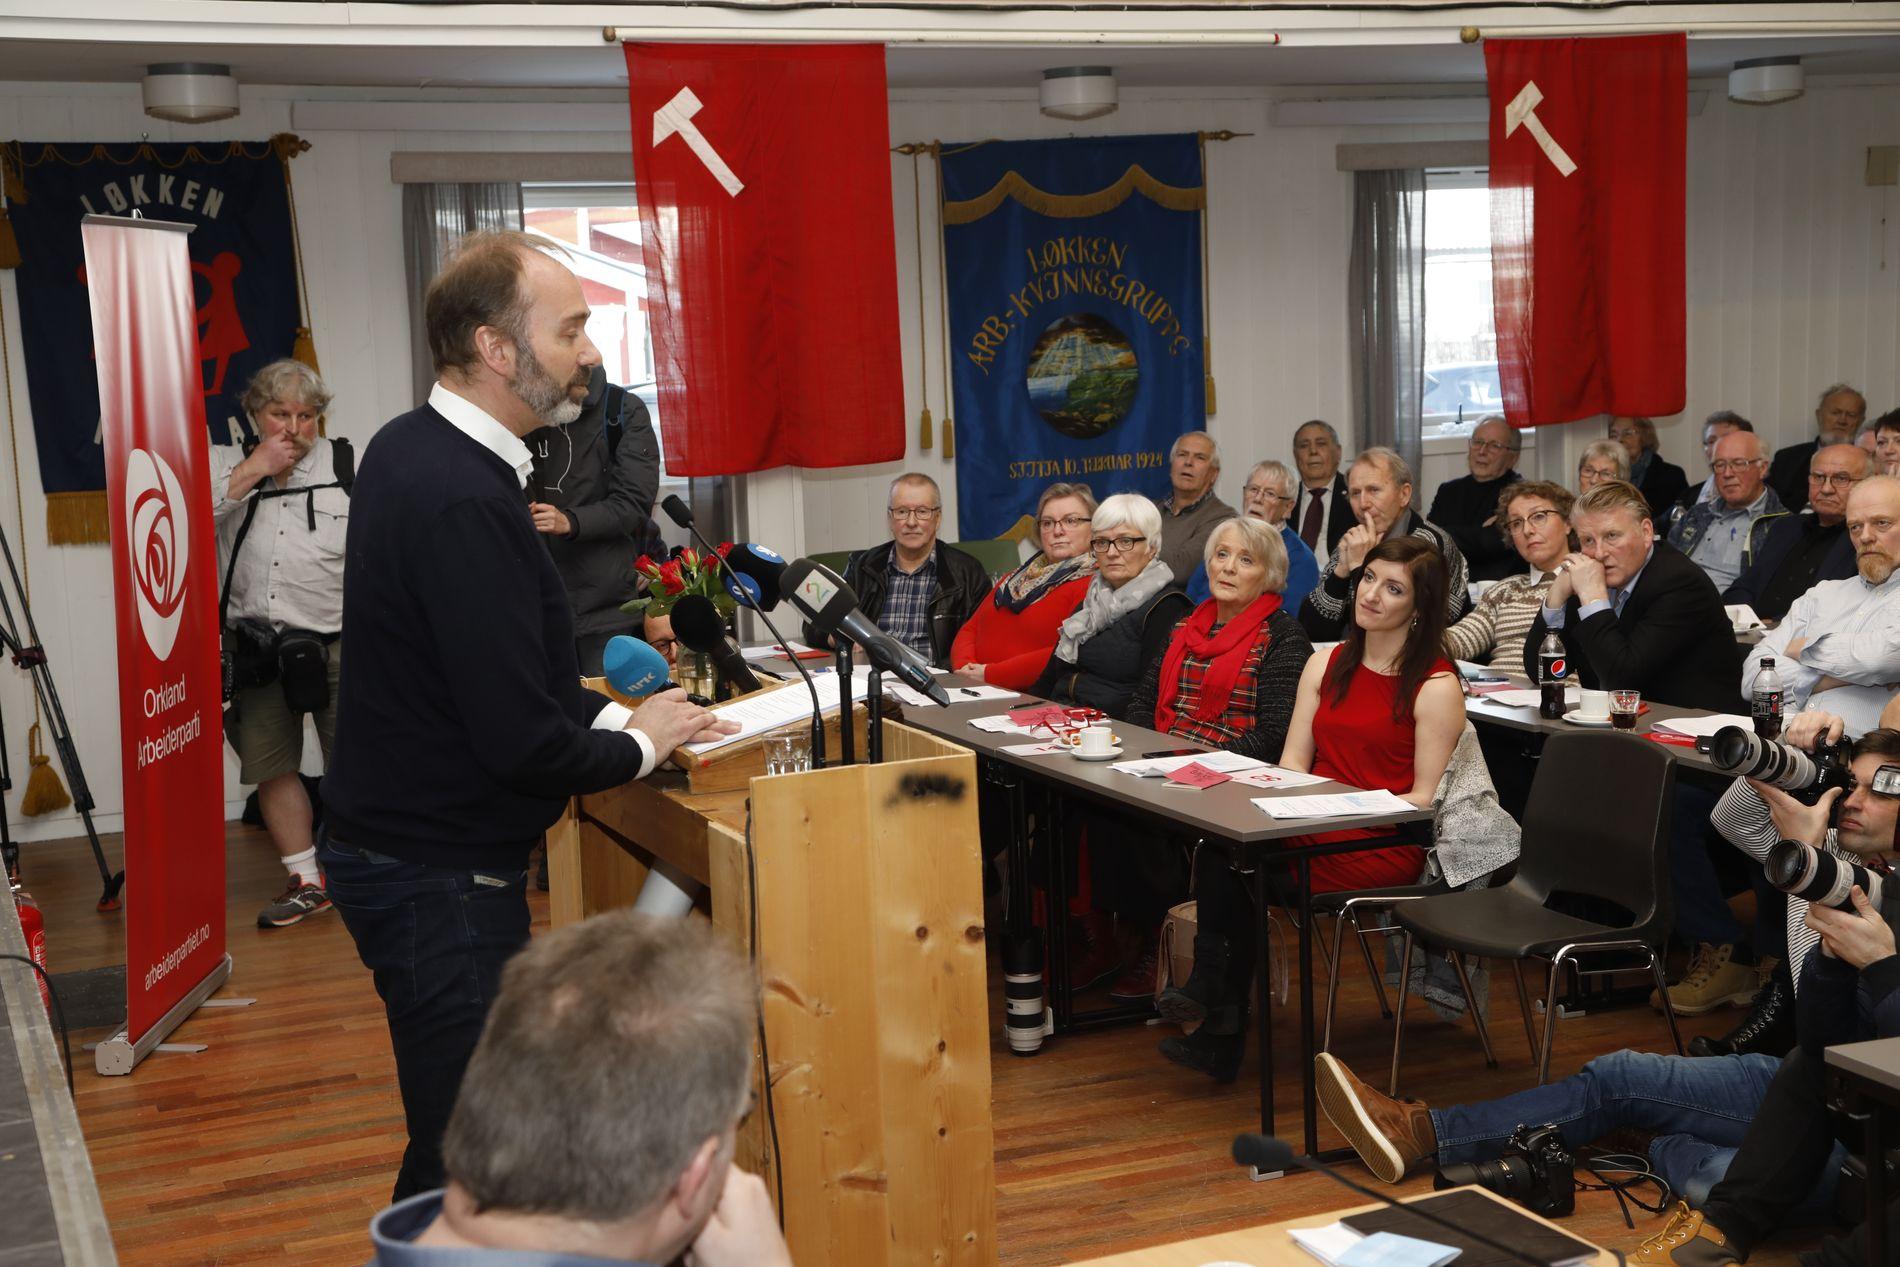 DEN BORTKOMNE SONEN: Trond Giske gjorde offentleg comeback då han talte til partifellar i Orkanger i februar. Denne helga utnemnde fylkespartiet i Trøndelag Giske til å leie ei ny ideologisk utgreiing.